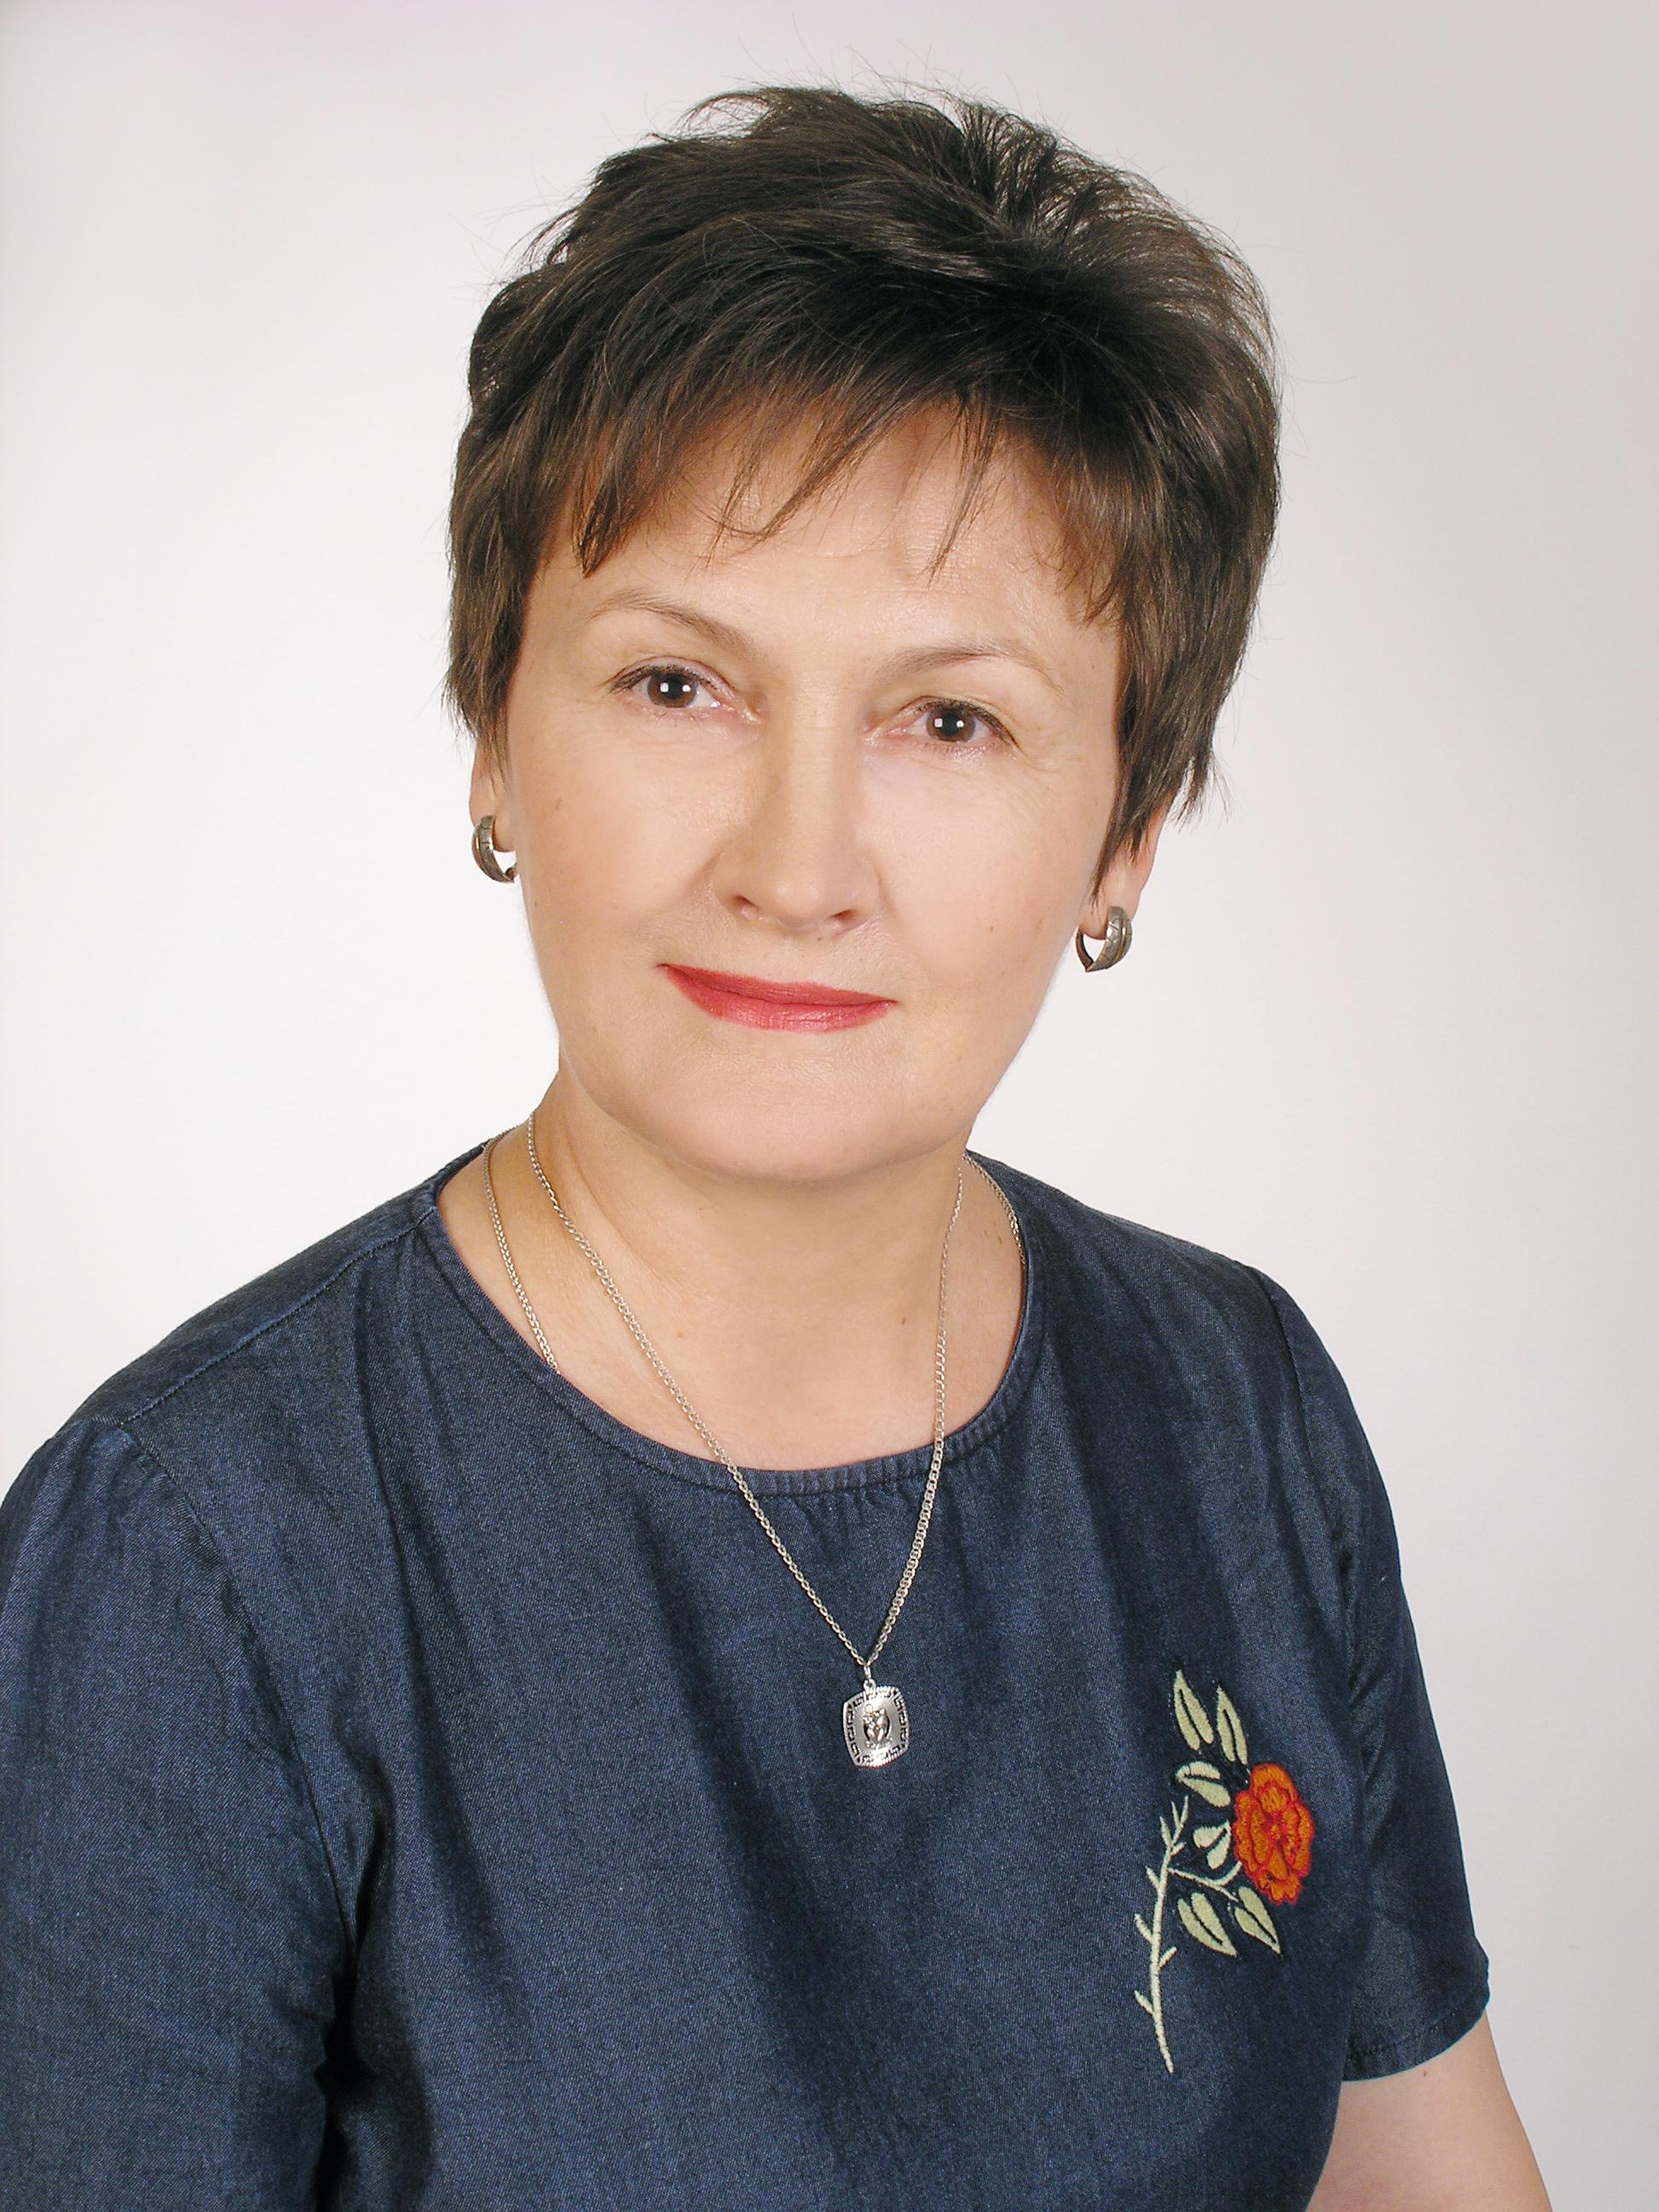 Хрусталёва Ирина Викторовна - Учитель английского языка